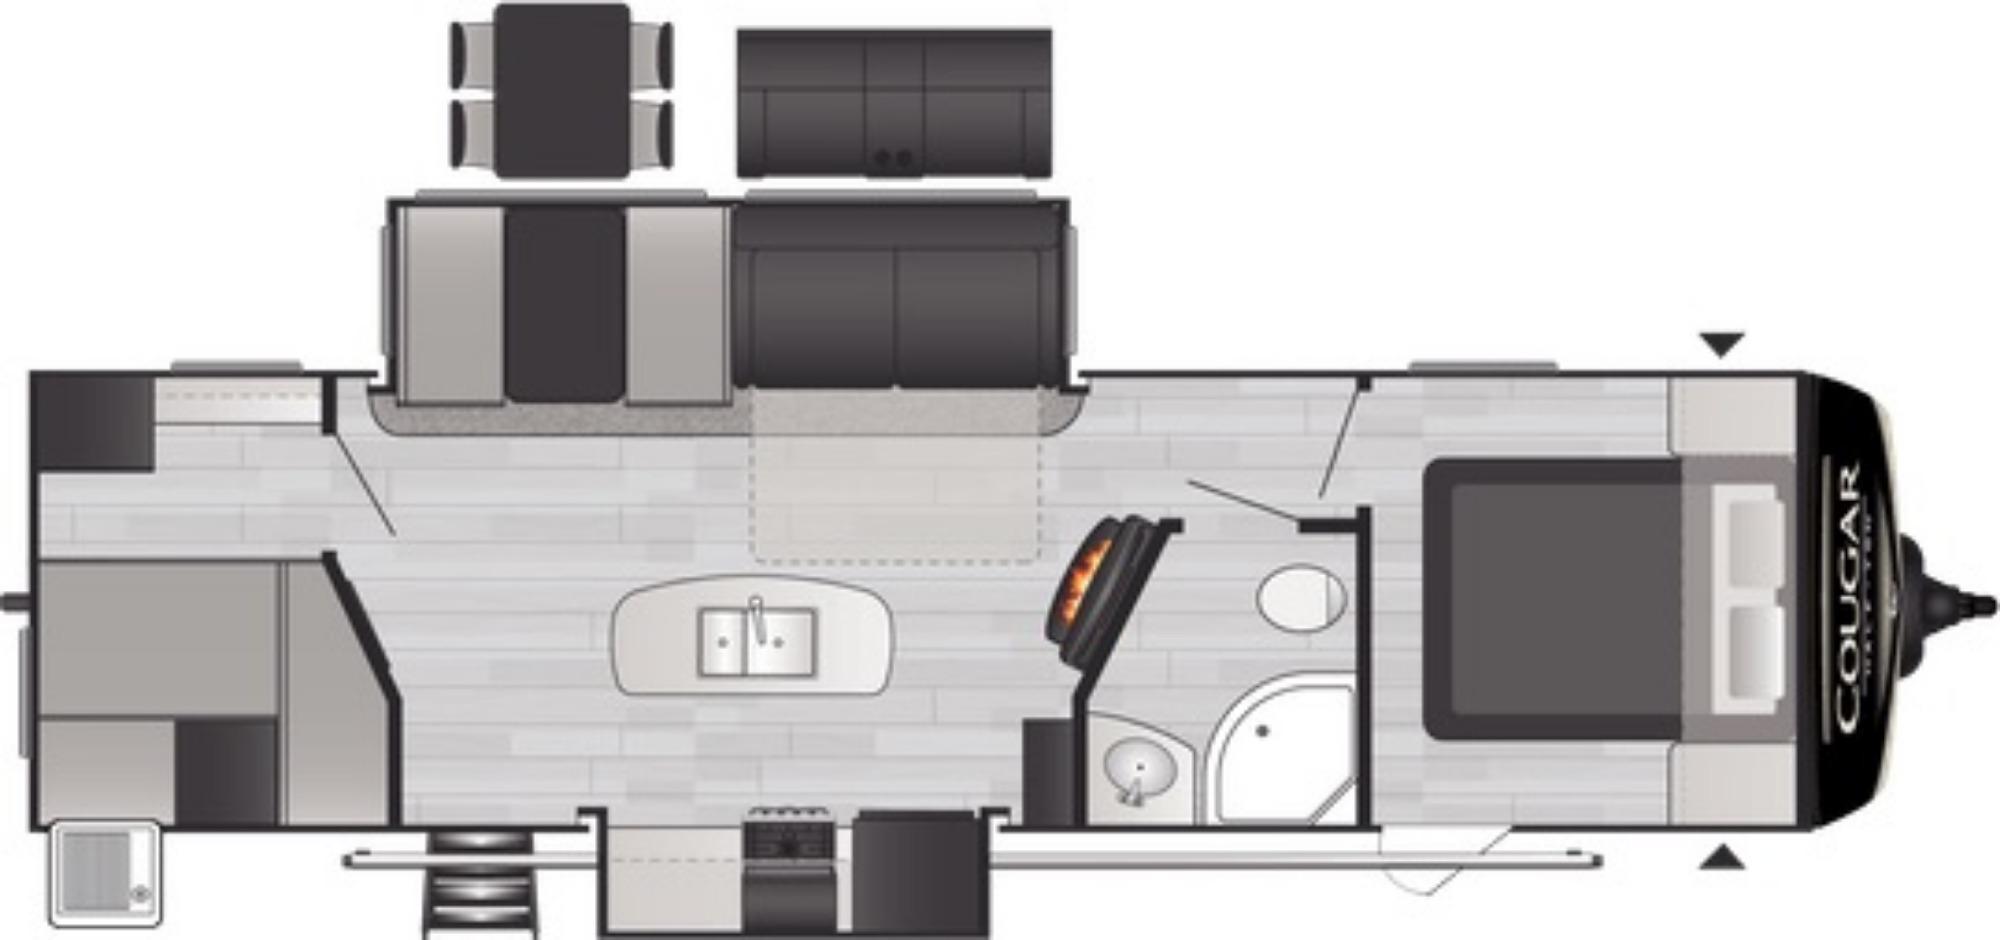 View Floor Plan for 2021 KEYSTONE COUGAR 31BHKWE